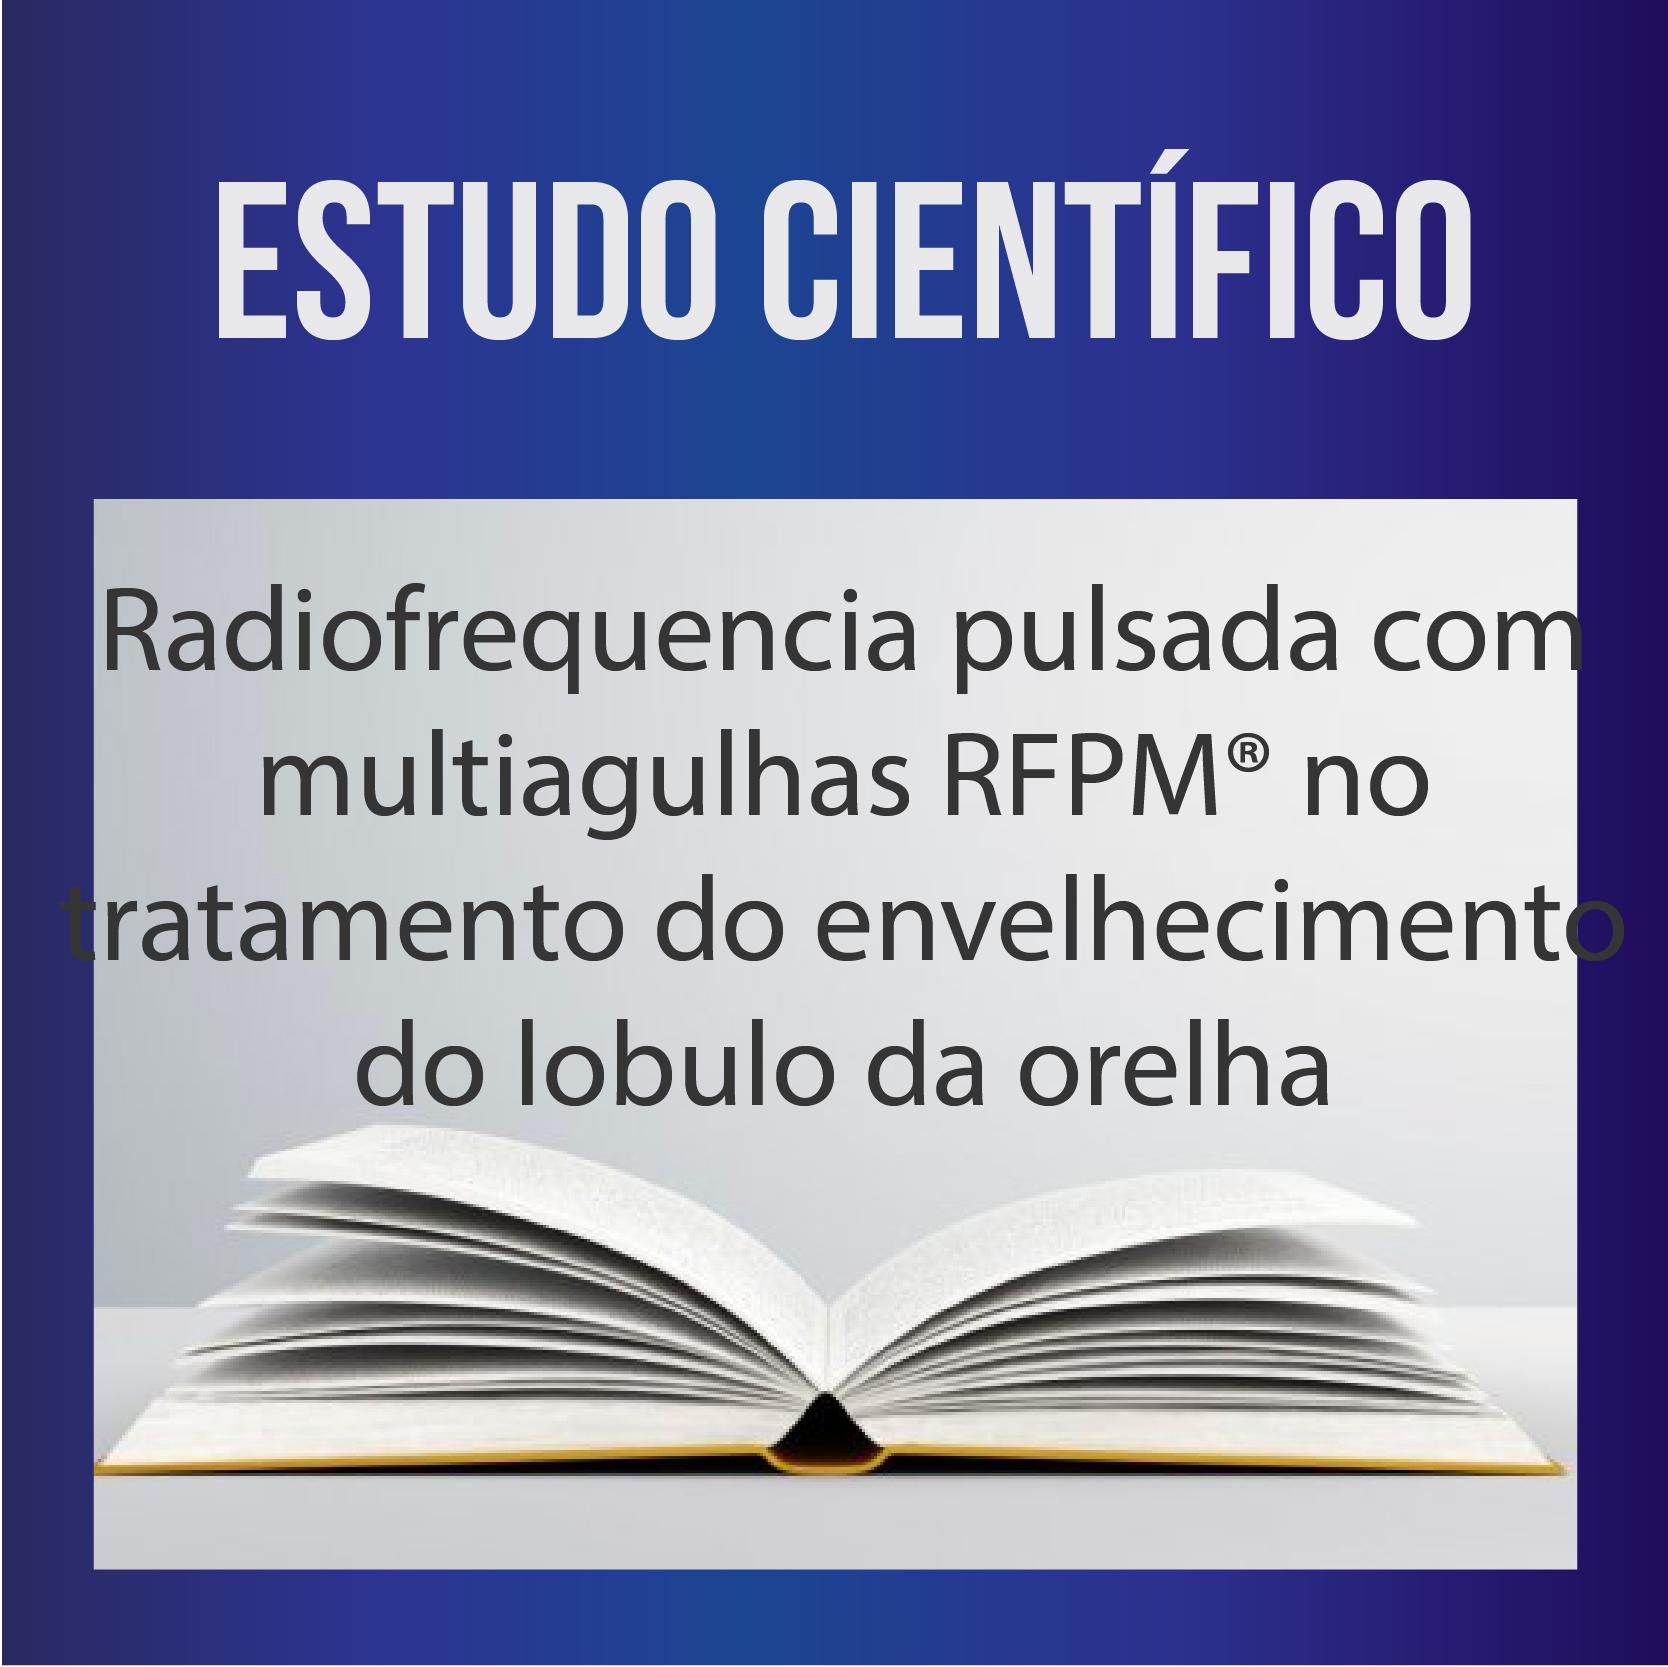 Radiofrequencia pulsada com multiagulhas RFPM® no tratamento do envelhecimento do lobulo da orelha